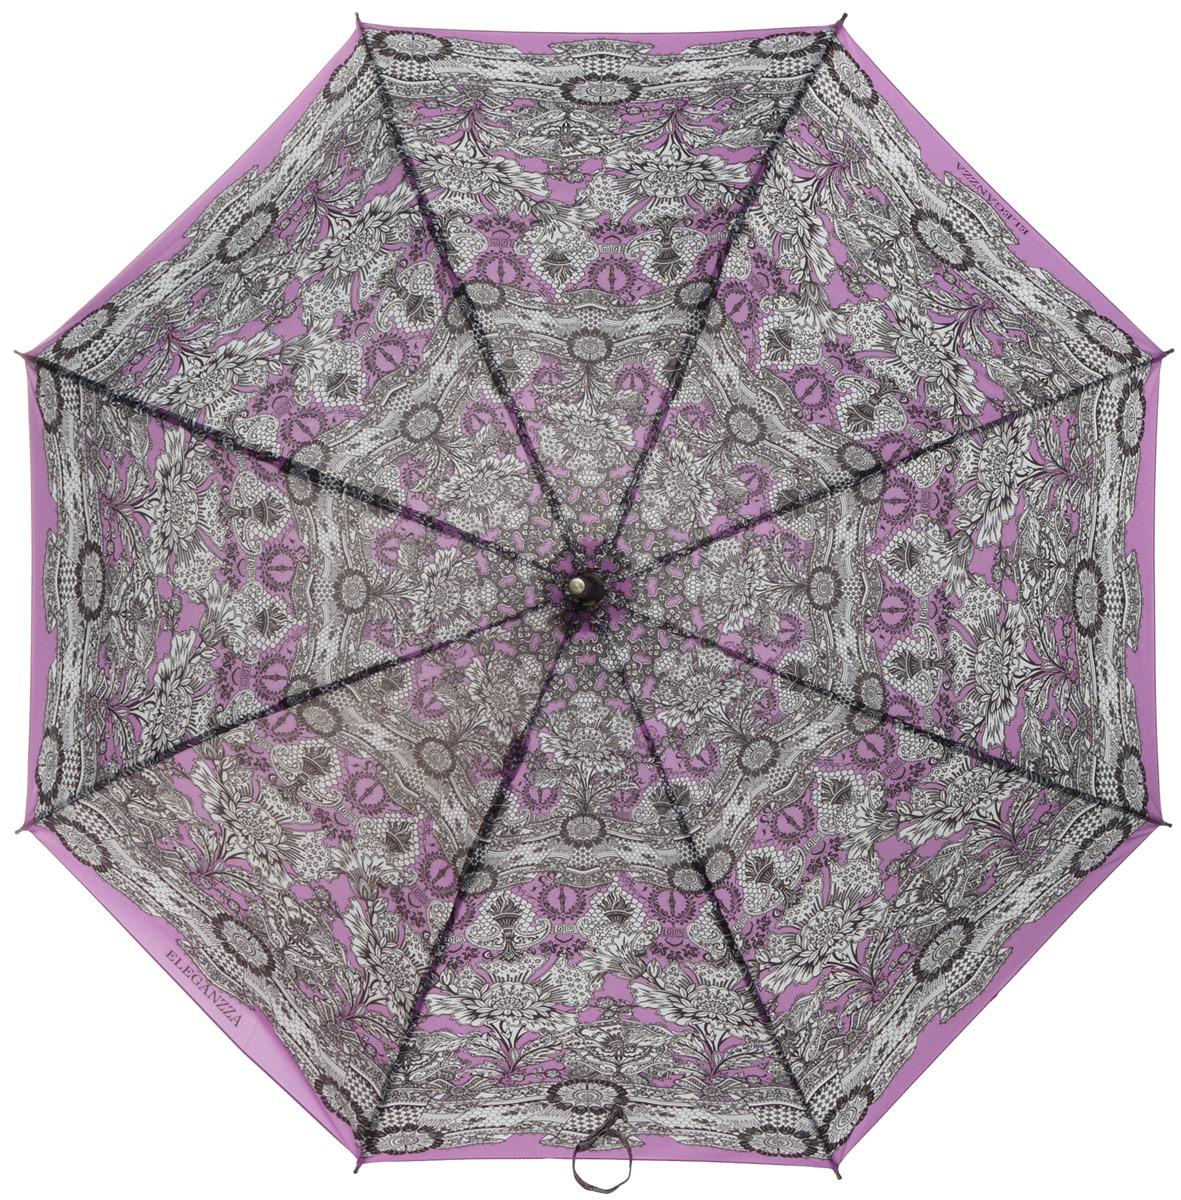 Зонт-трость женский Eleganzza, механика, цвет: фиолетовый, белый, черный. T-06-0215T-06-0215Элегантный женский зонт-трость Eleganzza не оставит вас незамеченной. Изделие оформлено оригинальным принтом в виде узоров. Зонт состоит из восьми спиц и стержня, изготовленных из алюминия и фибергласса. Купол выполнен из качественного полиэстера и эпонжа, которые не пропускают воду. Зонт дополнен удобной ручкой из акрила, которая выполнена в виде бусин и имеет форму крючка. Также зонт имеет заостренный наконечник, который устраняет попадание воды на стержень и уберегает зонт от повреждений. Изделие имеет механический способ сложения: и купол, и стержень открываются и закрываются вручную до характерного щелчка. Зонт закрывается хлястиком на кнопку. Оригинальный и практичный аксессуар даже в ненастную погоду позволит вам оставаться женственной и привлекательной.